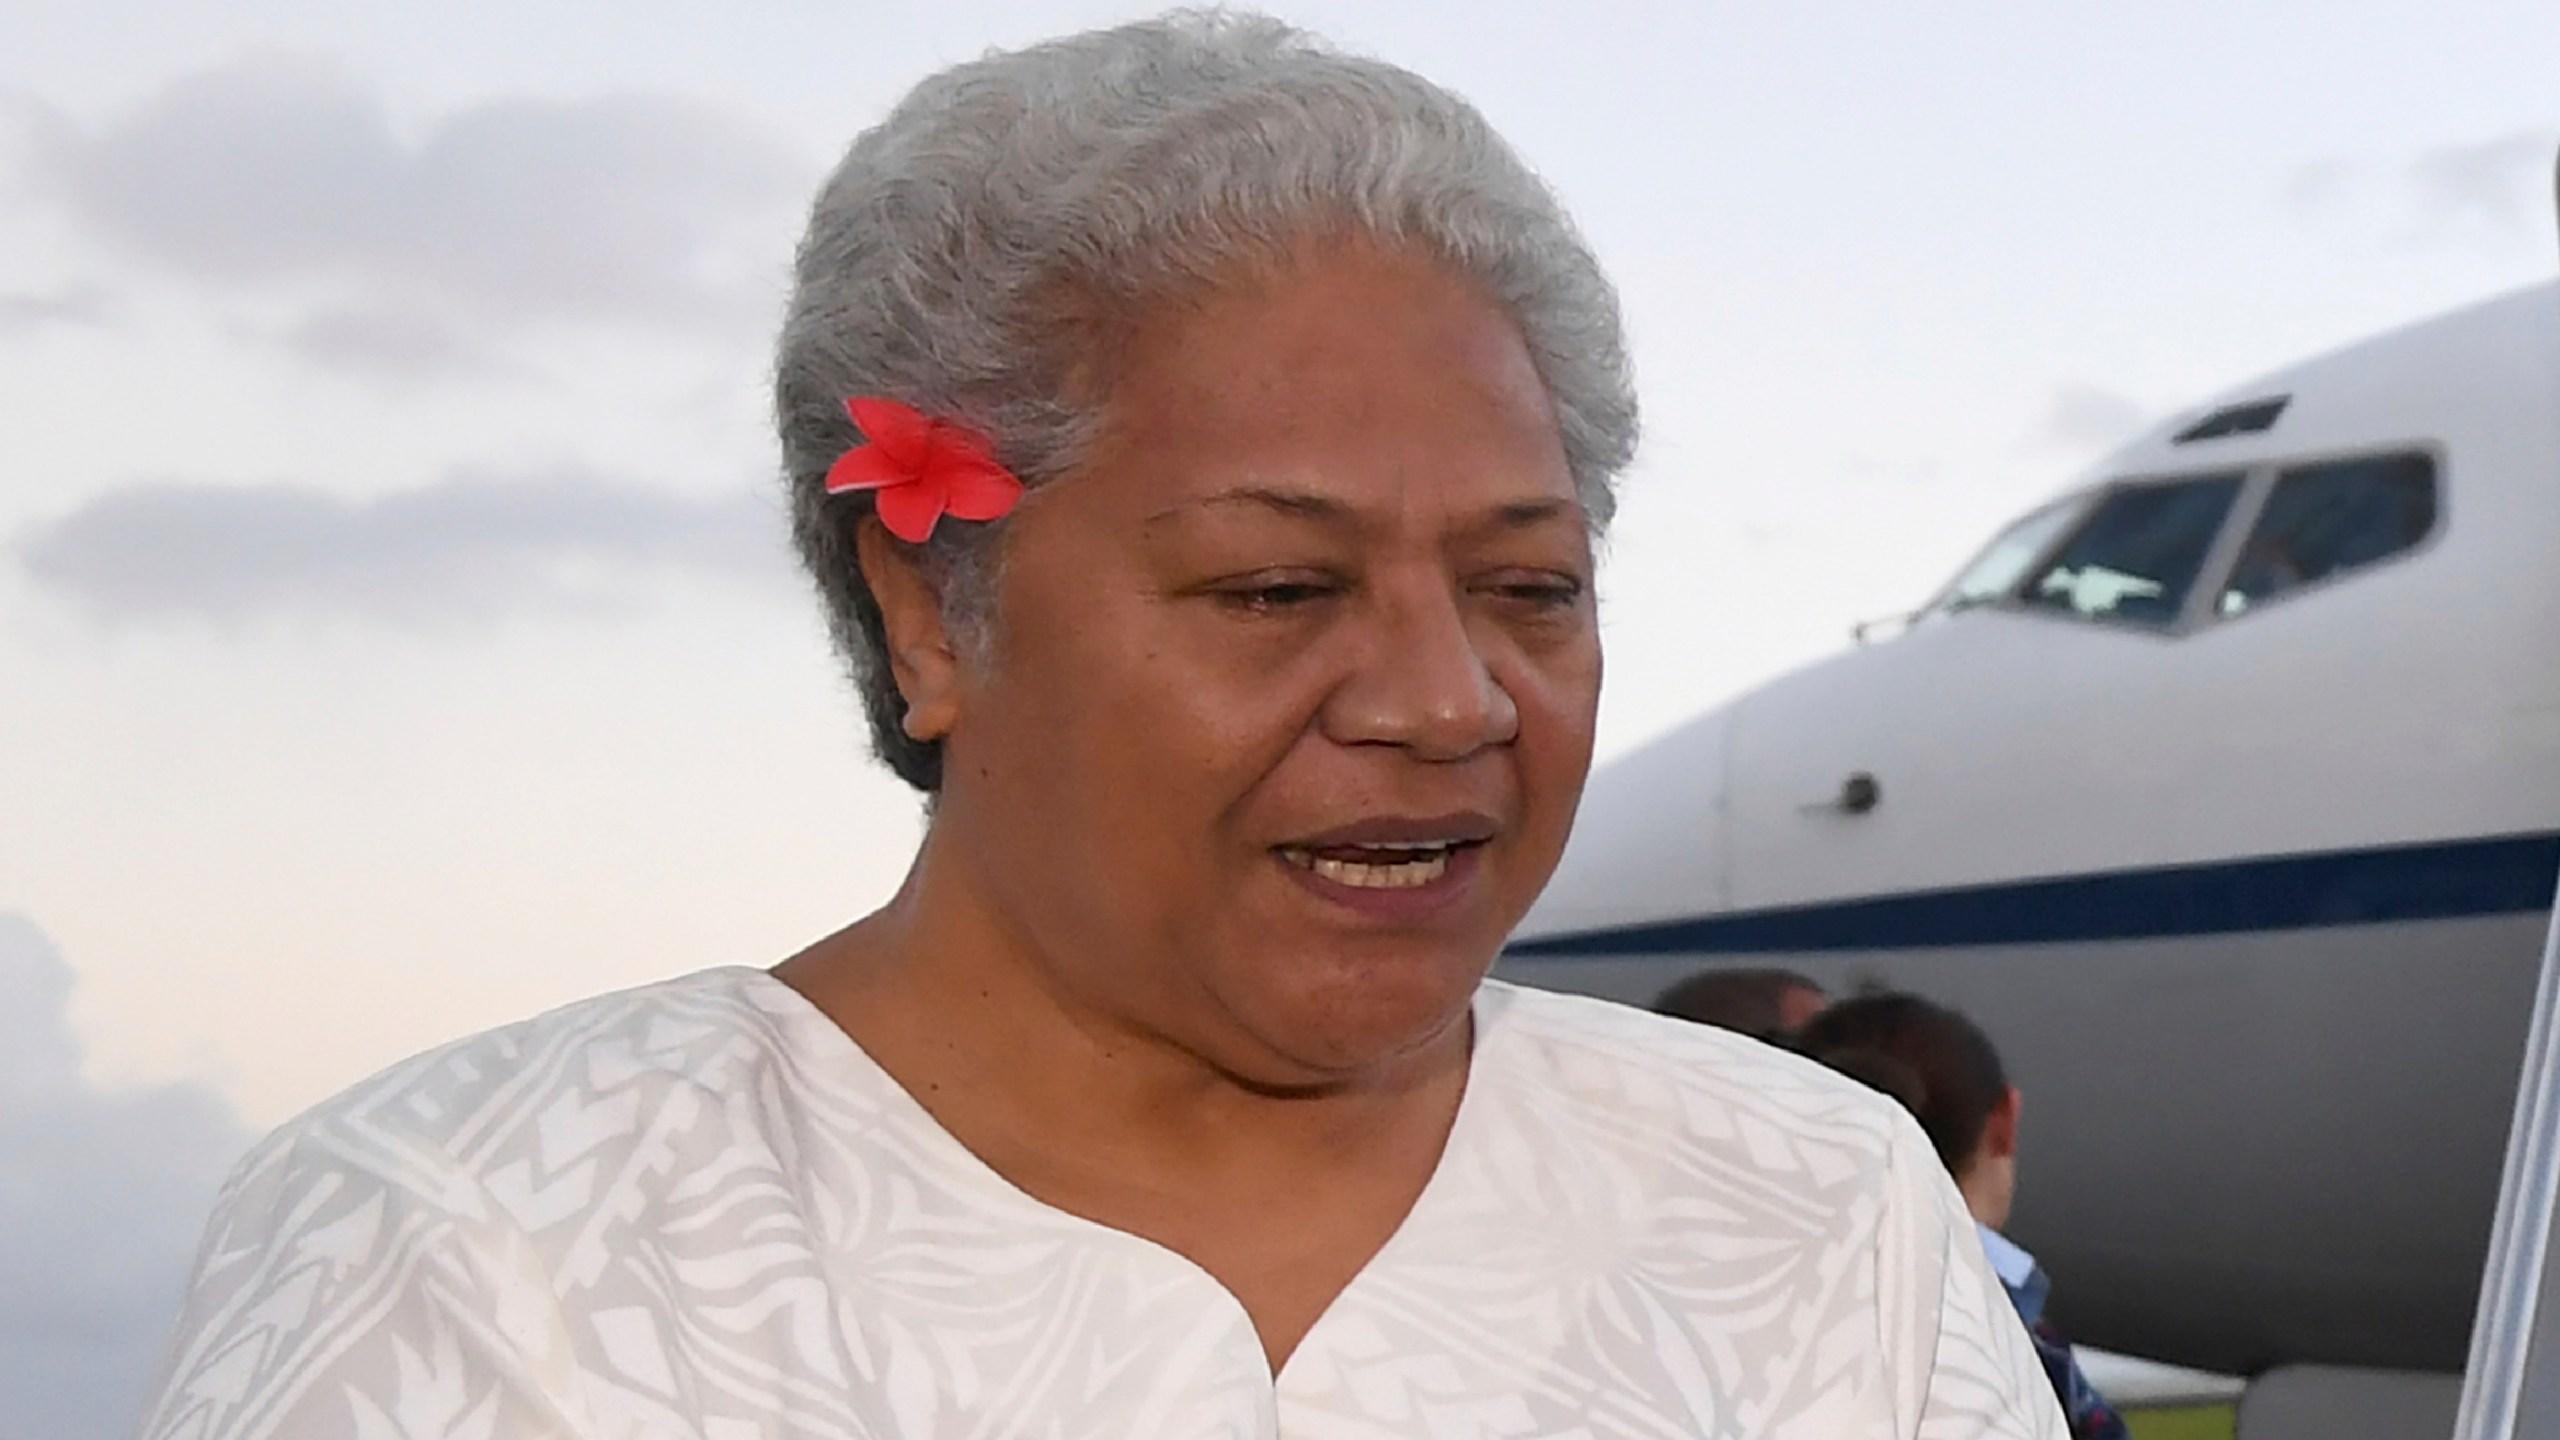 Fiame Naomi Mata'afa